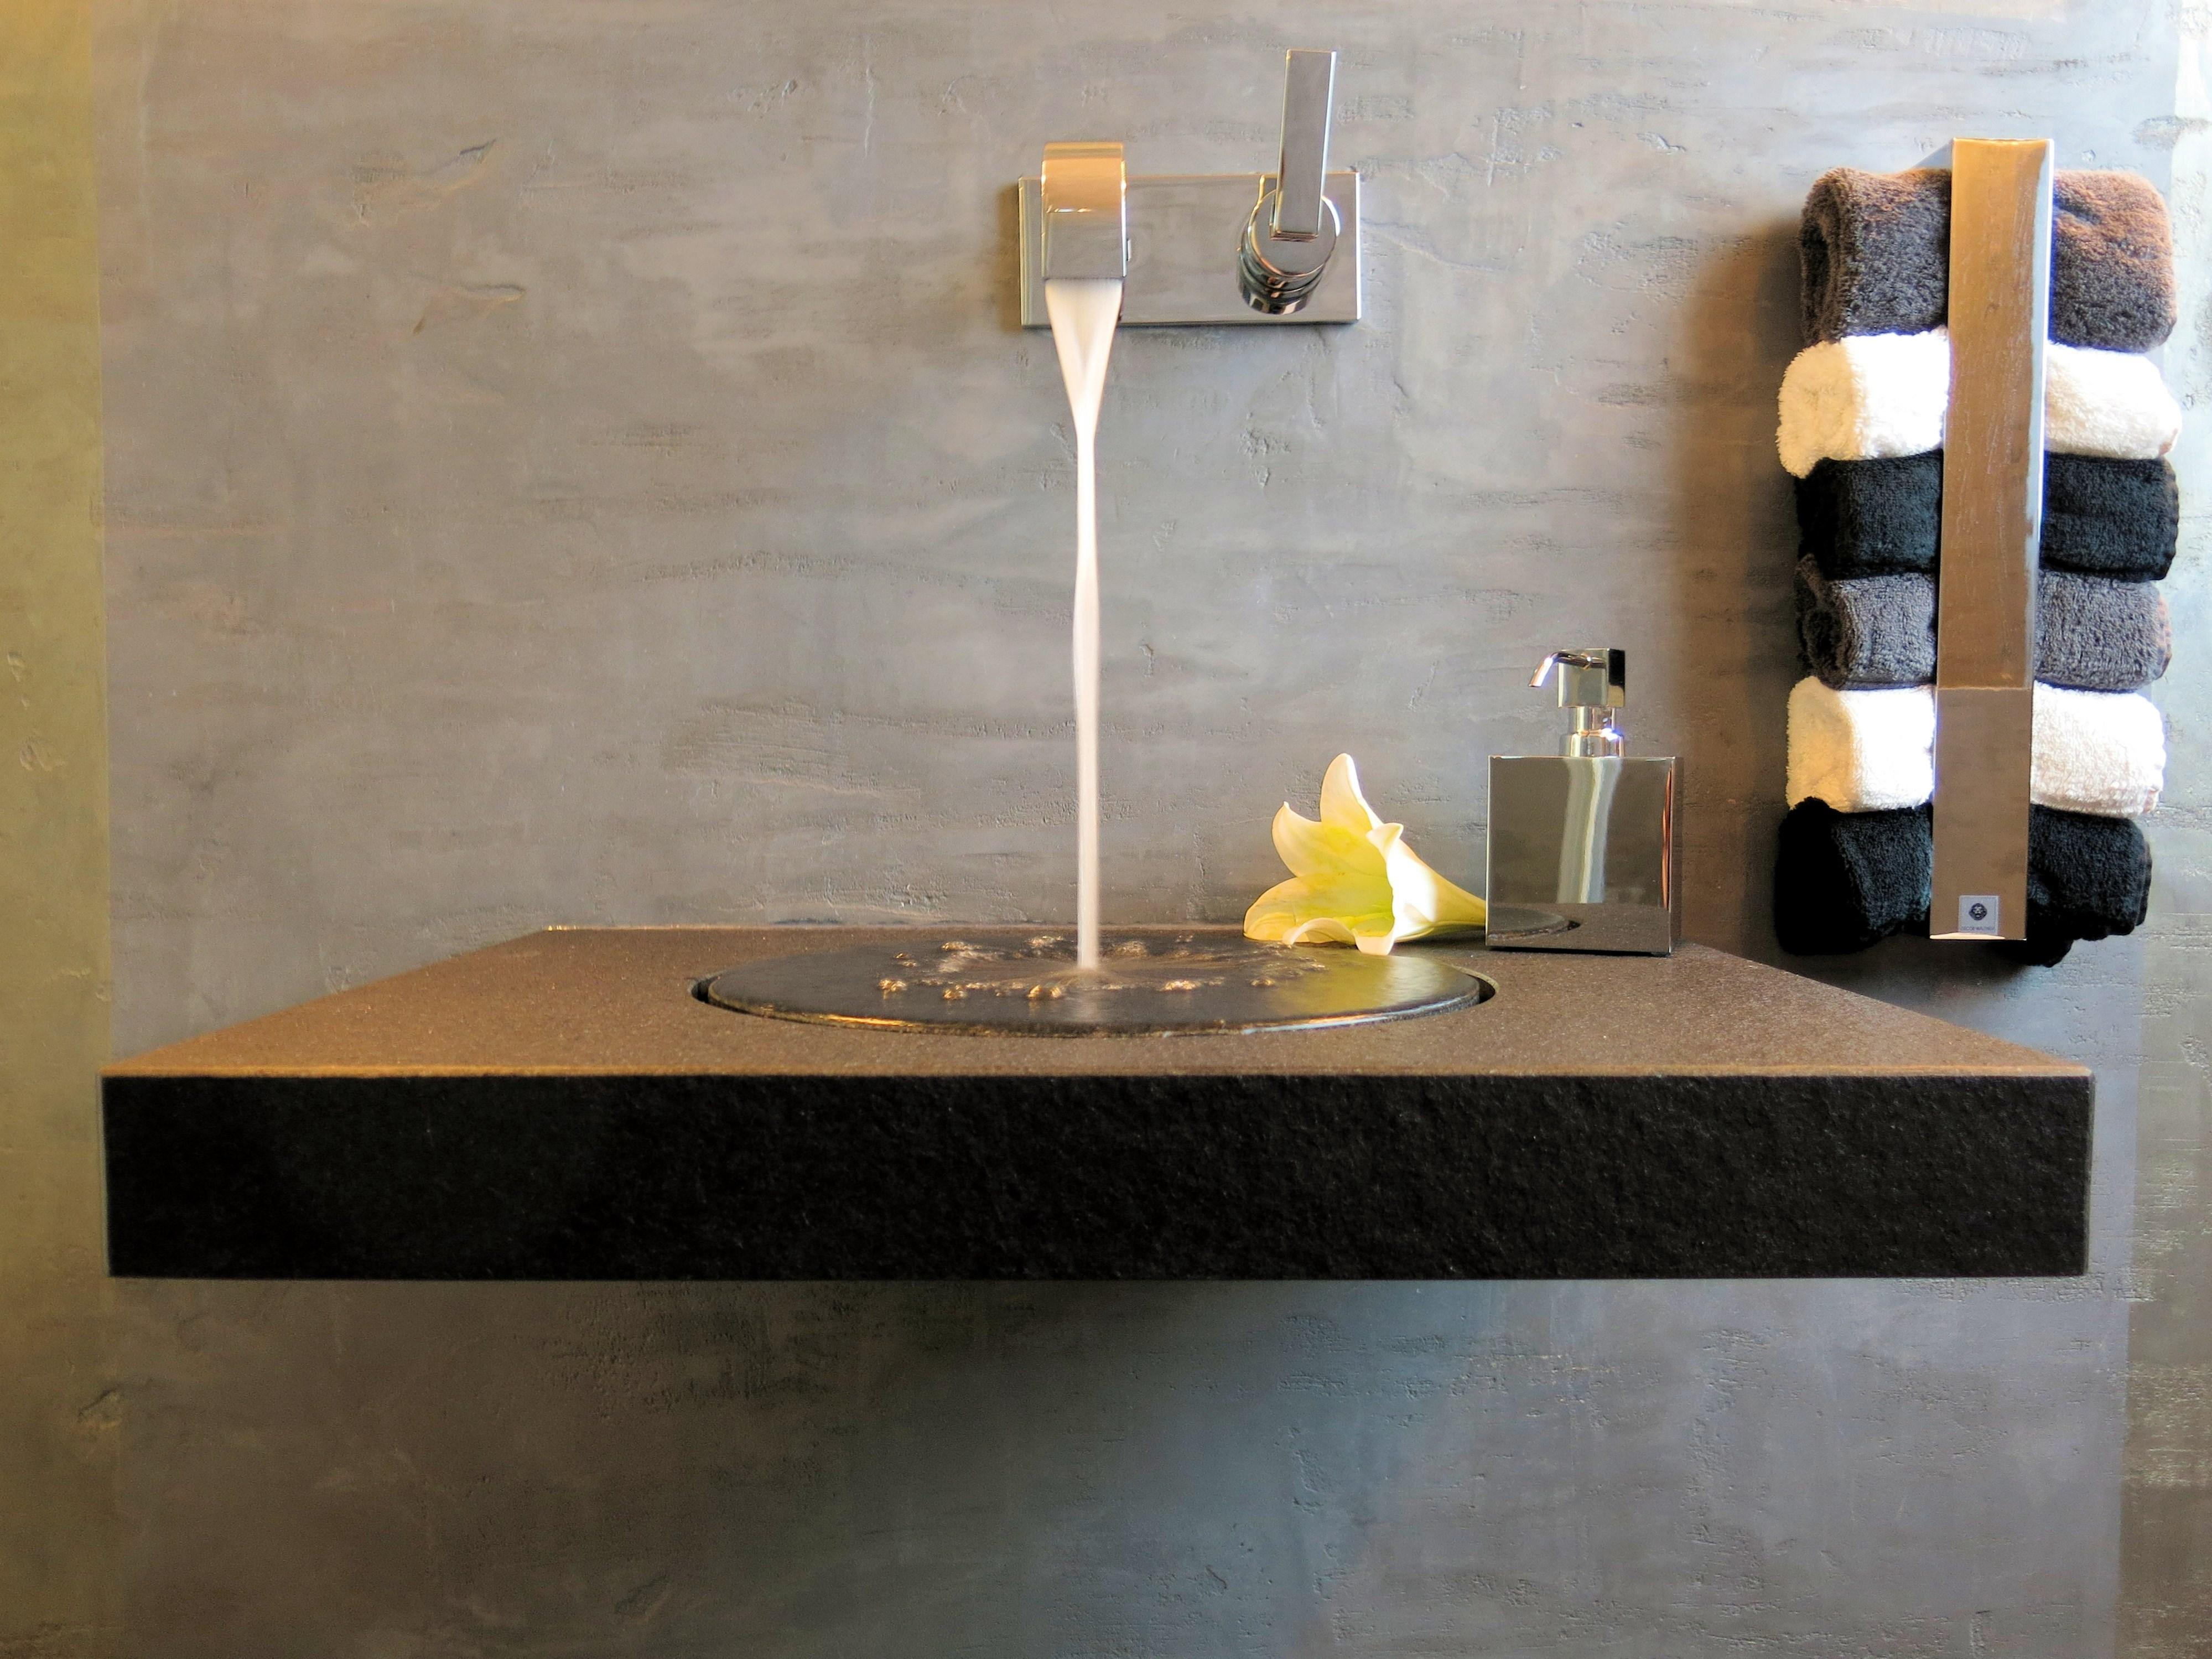 Luxusbadezimmer bilder ideen couch for Badezimmer ideen luxus